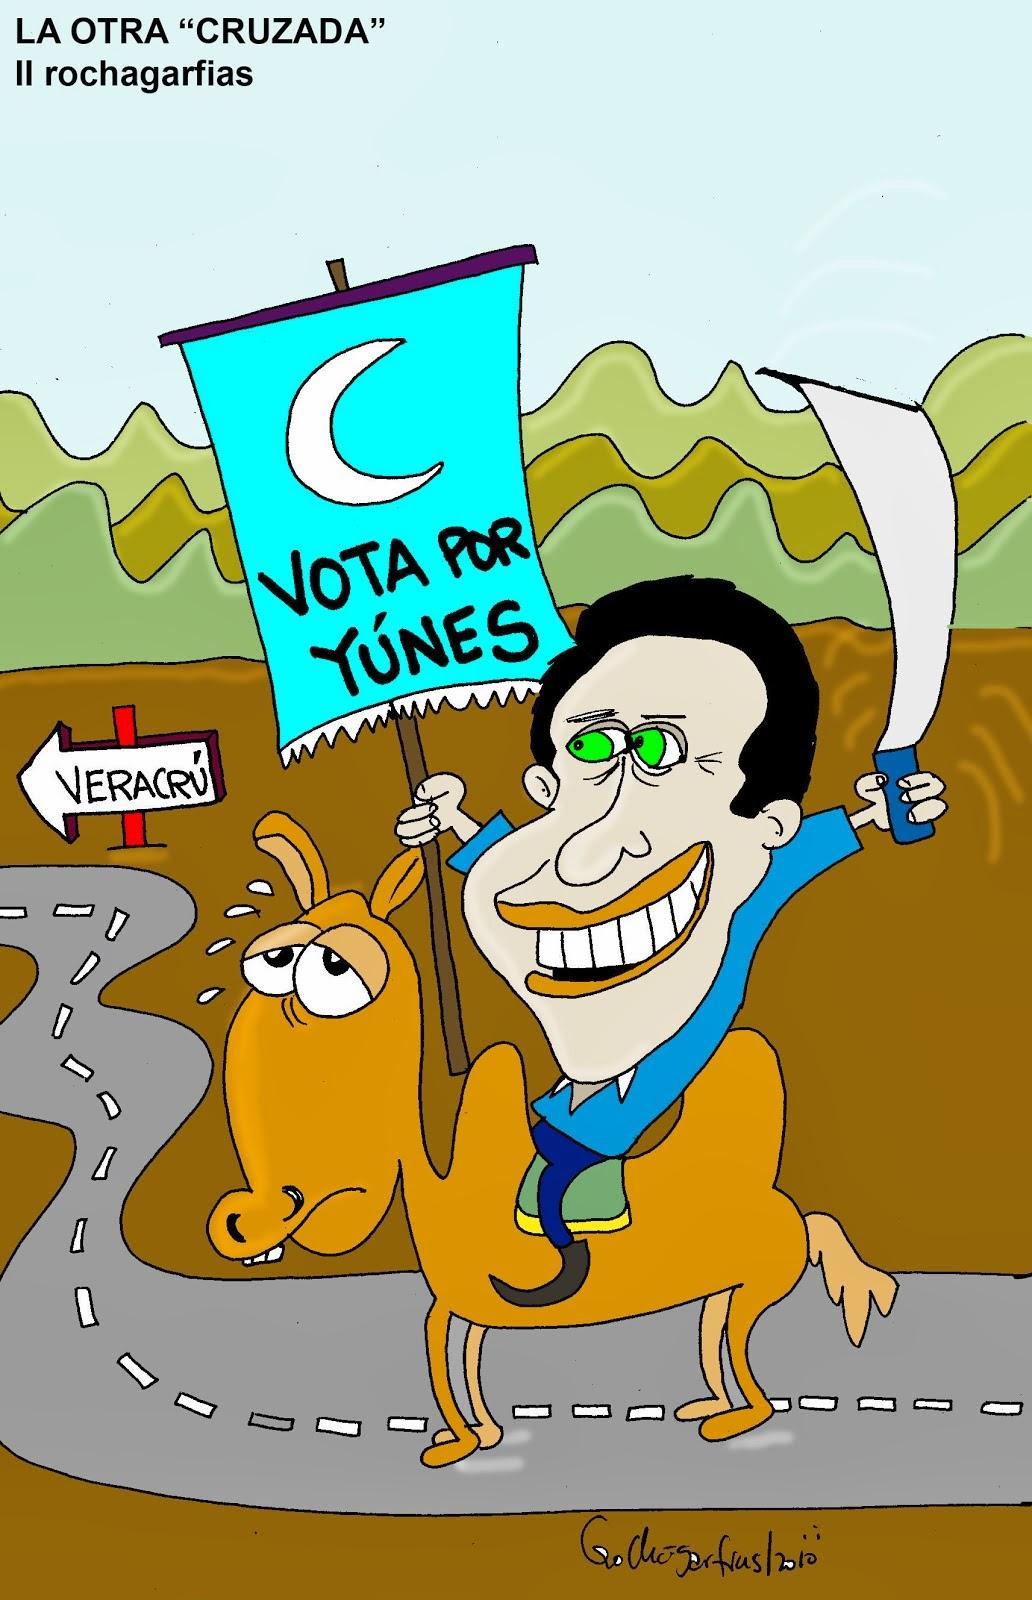 Yùnes hacia Veracruz: cruzada árabe